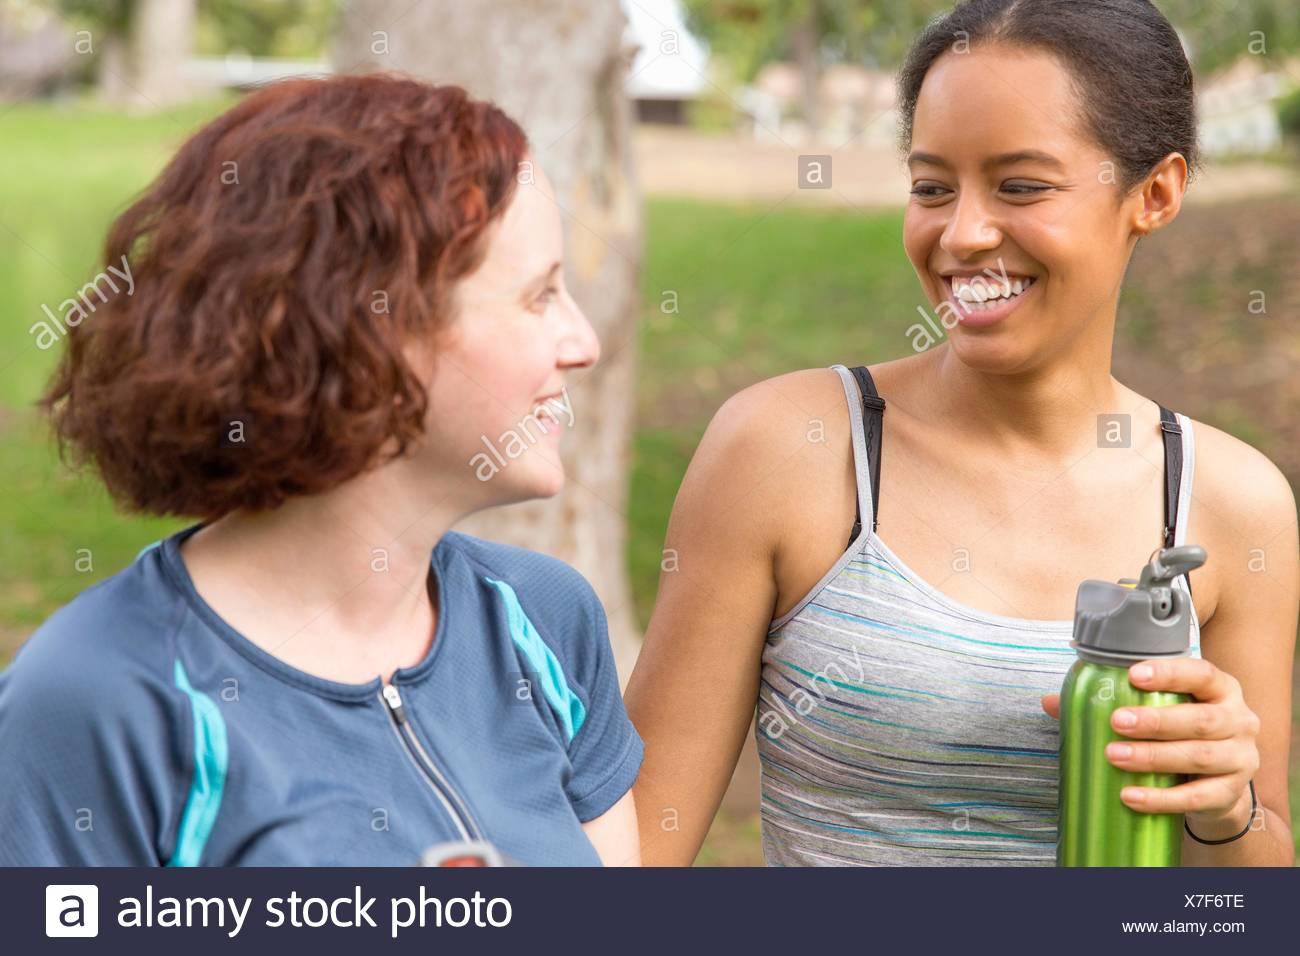 La tête et les épaules des jeunes femmes portant de l'eau bouteilles face à face smiling Photo Stock